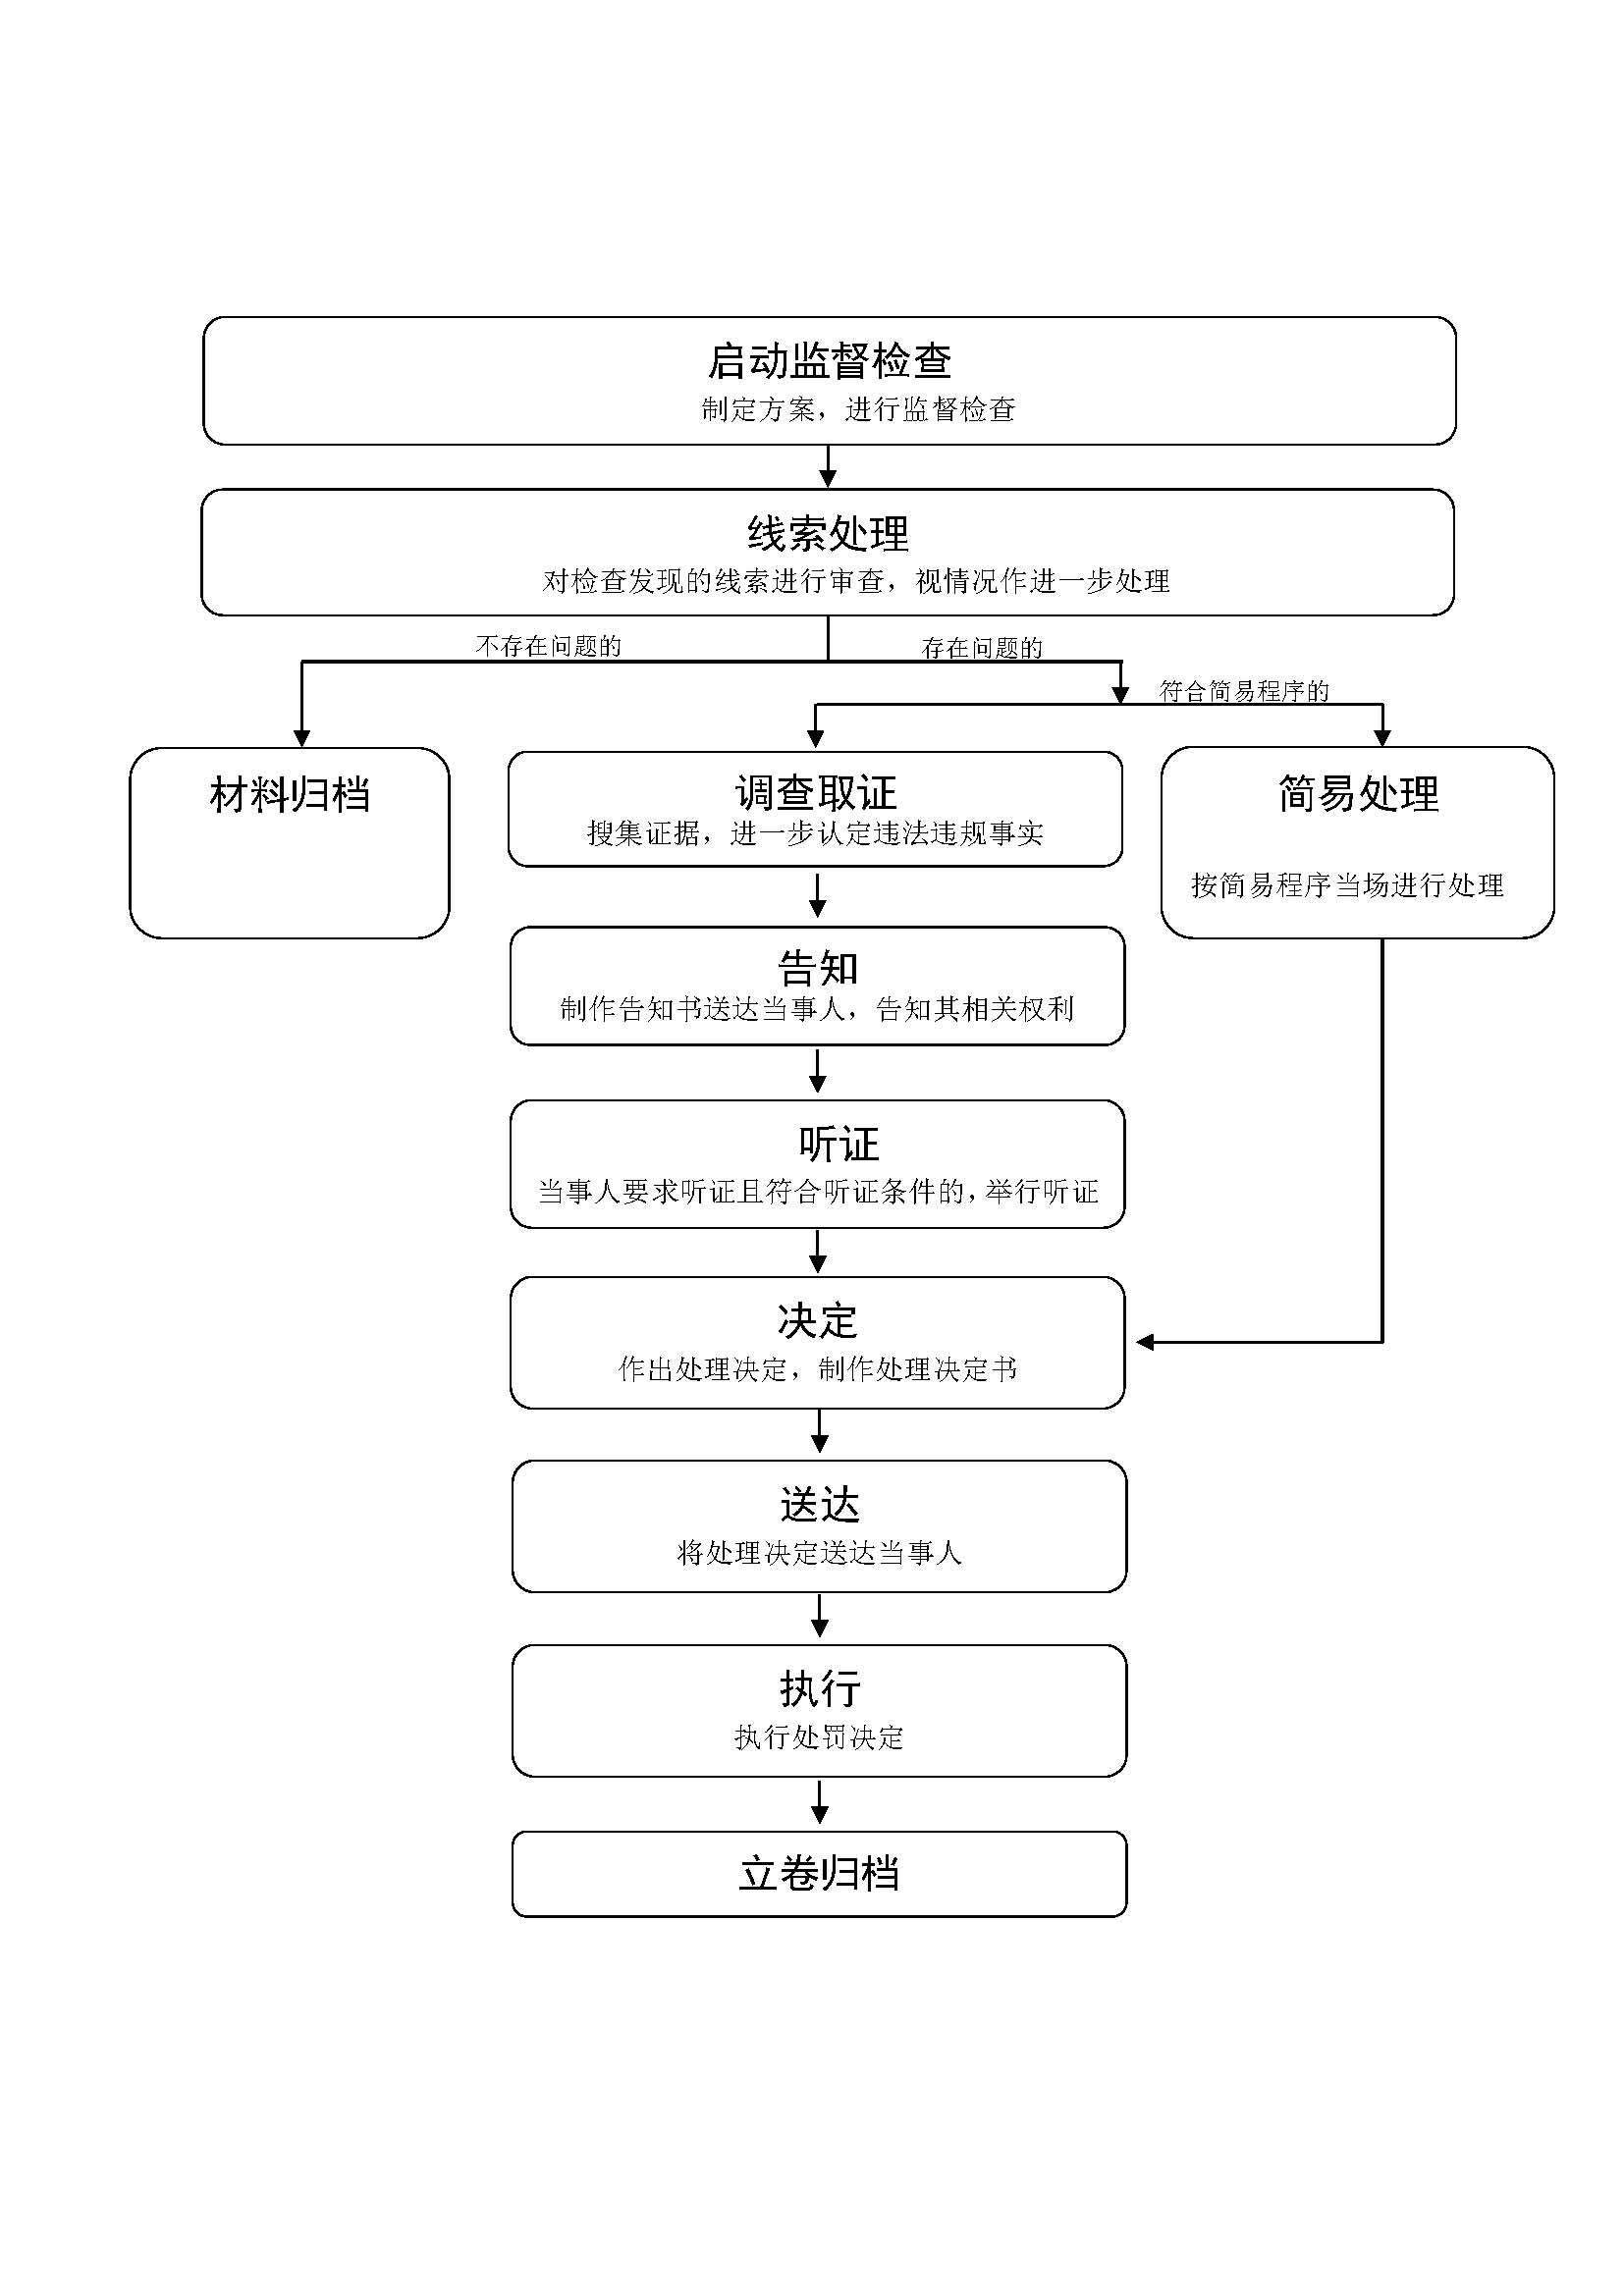 大庆市文化广电新闻出版局行政监督检查流程图.jpg